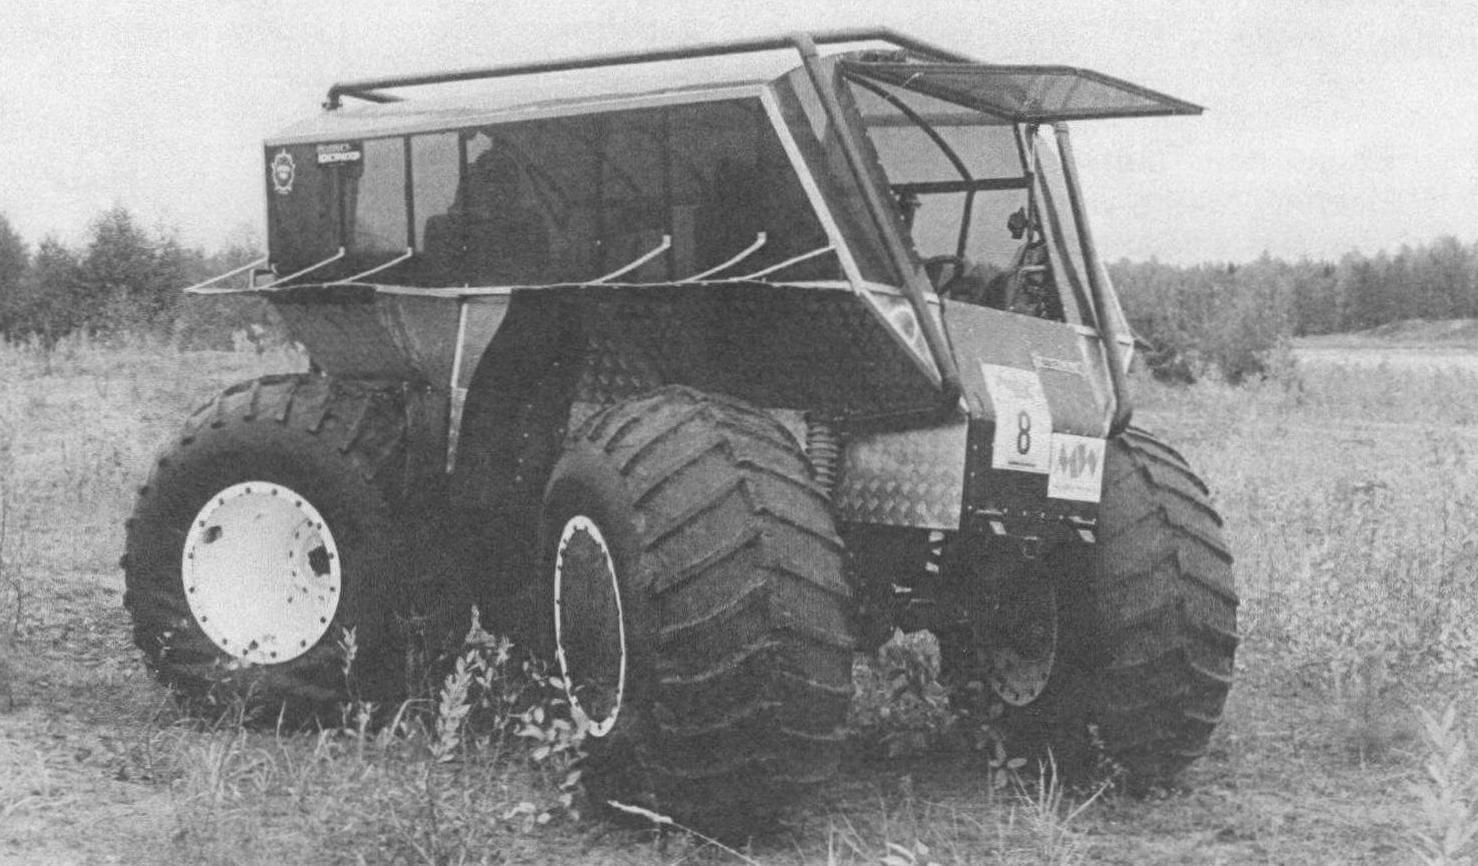 Walle примечателен полноуправляемым шасси и кузовом вагонной компоновки